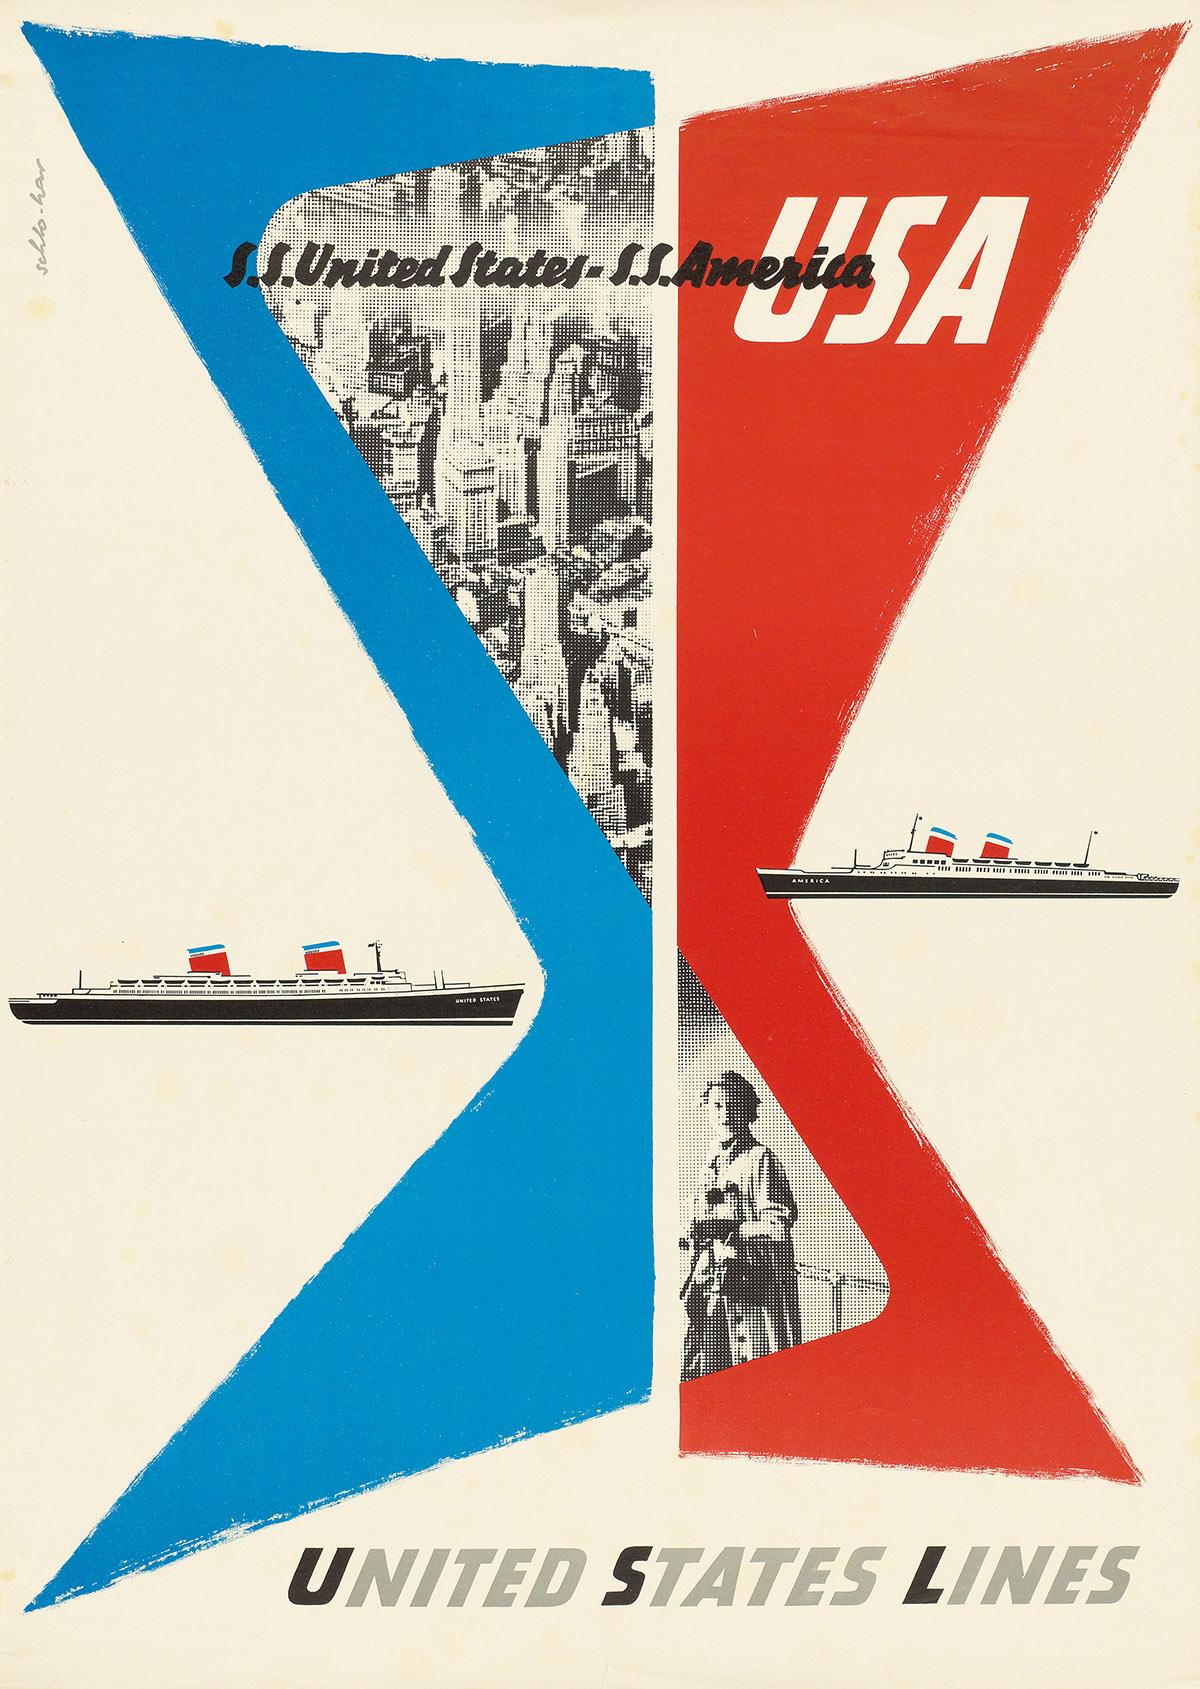 SIGNATURE-ILLEGIBLE-UNITED-STATES-LINES--USA-Circa-1950s-32x